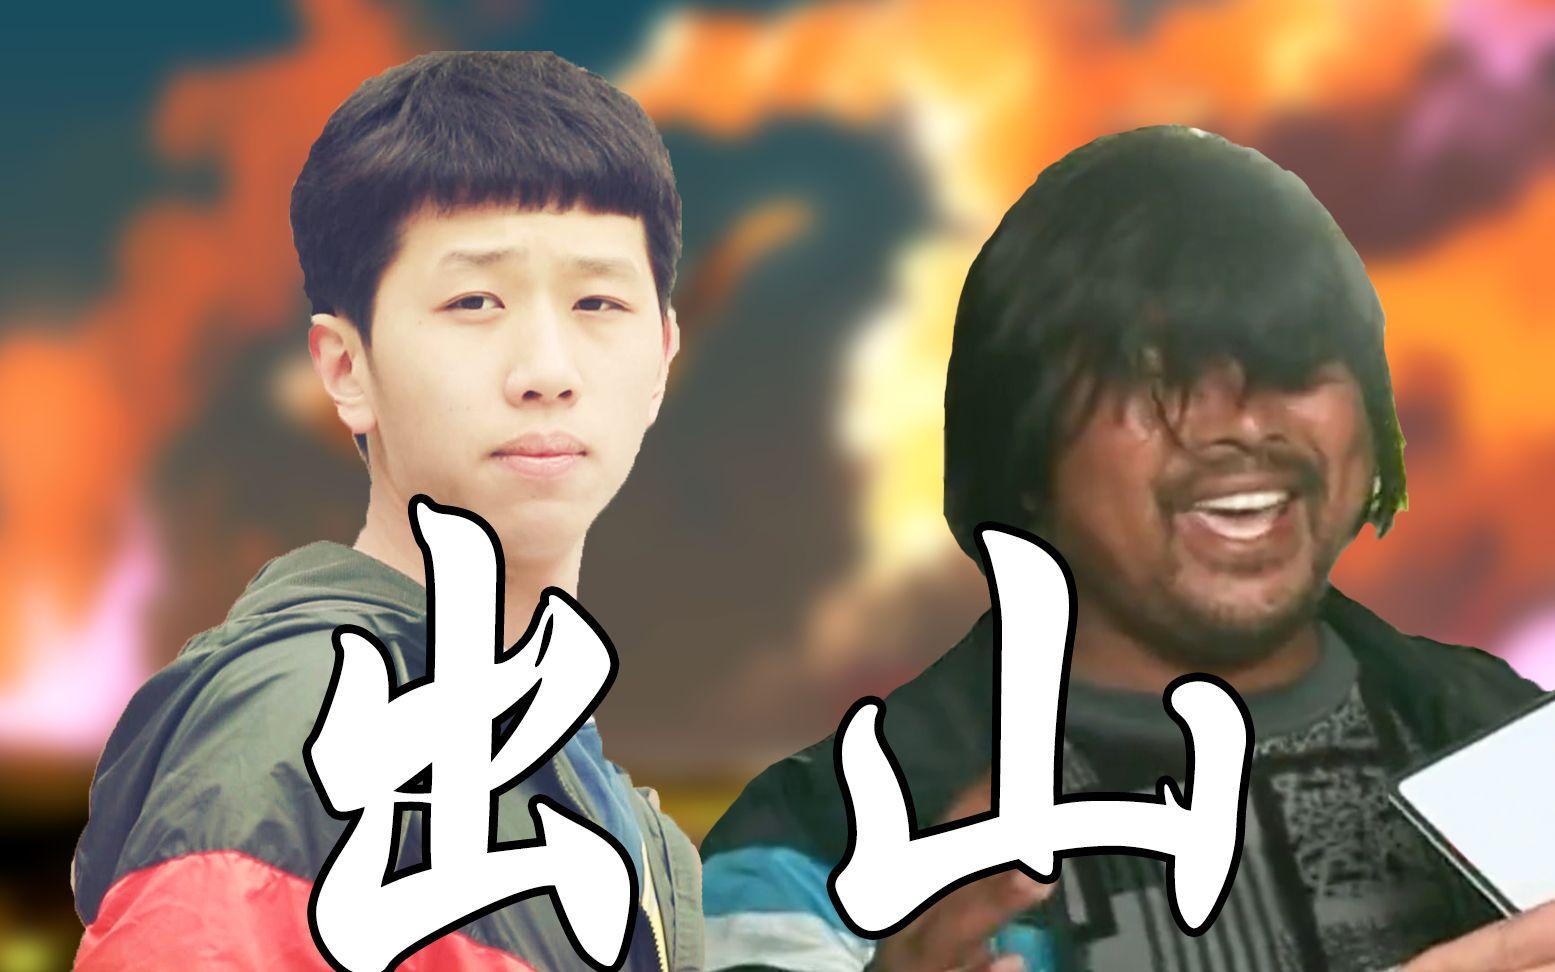 【王境泽×面筋哥】出山